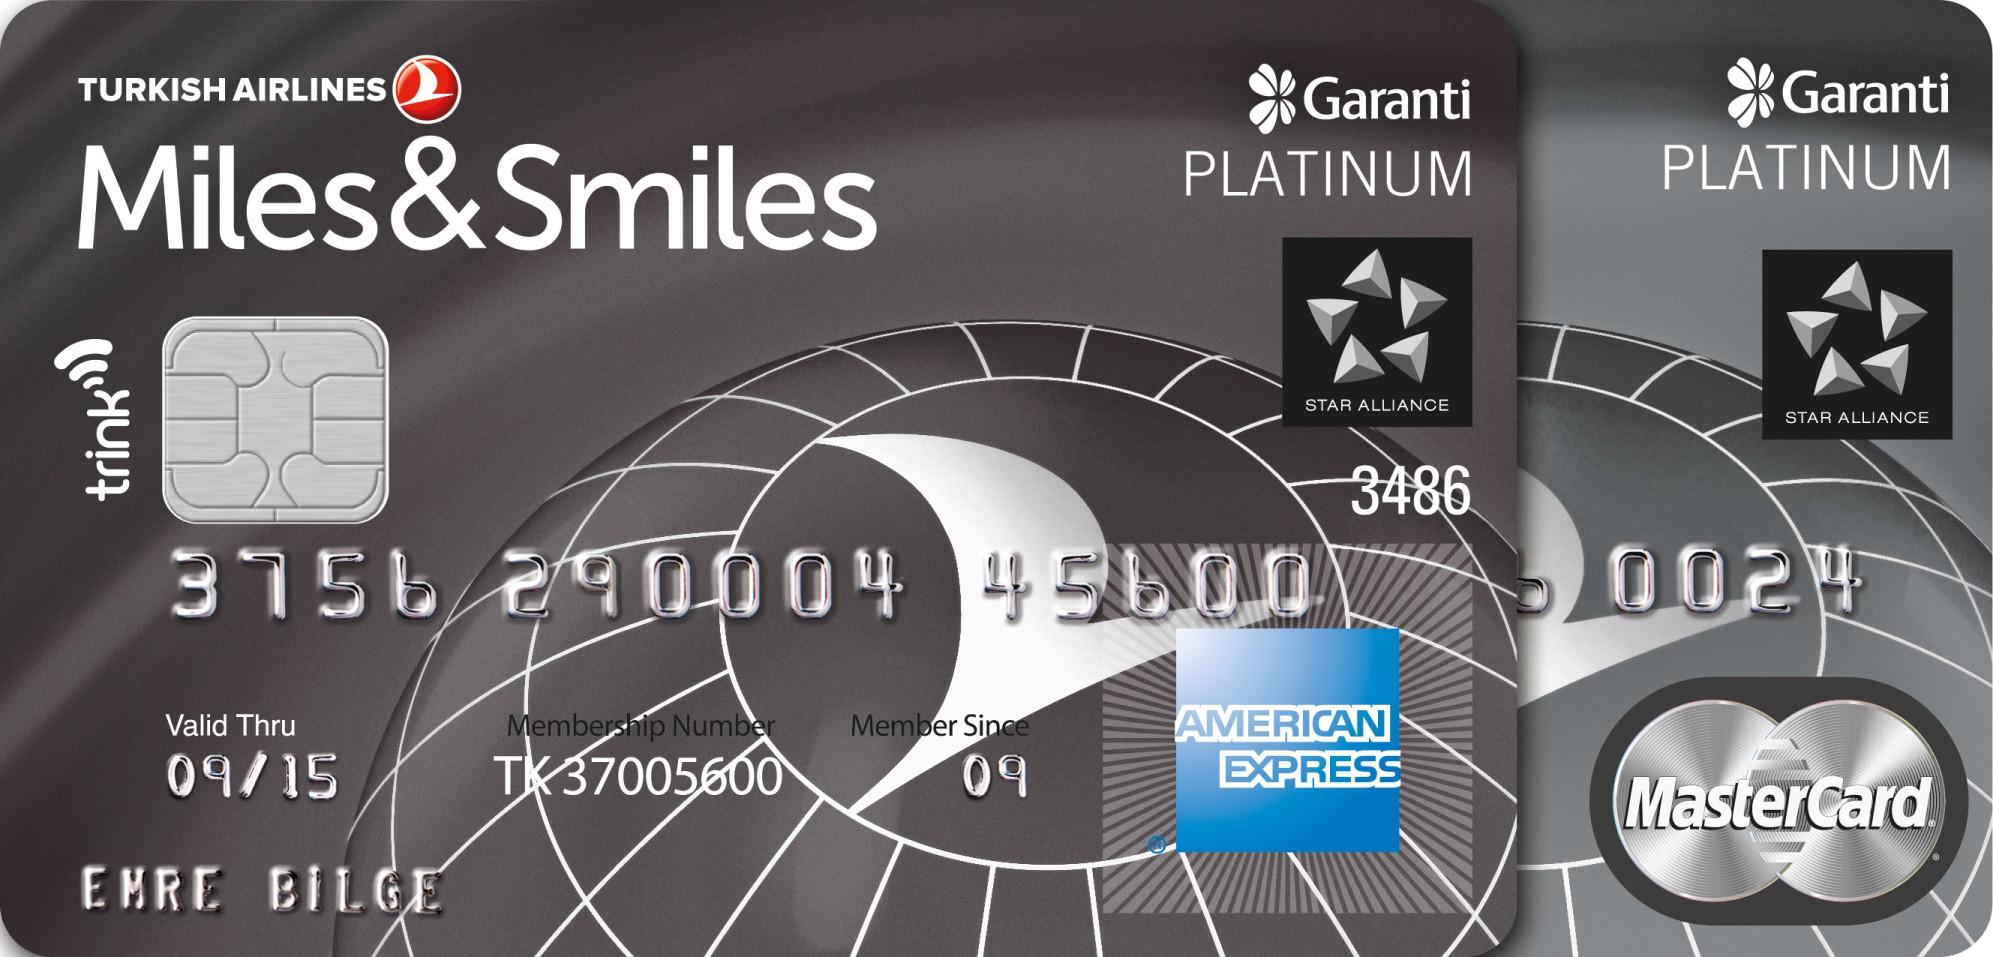 THY_Miles Smiles_Platinum